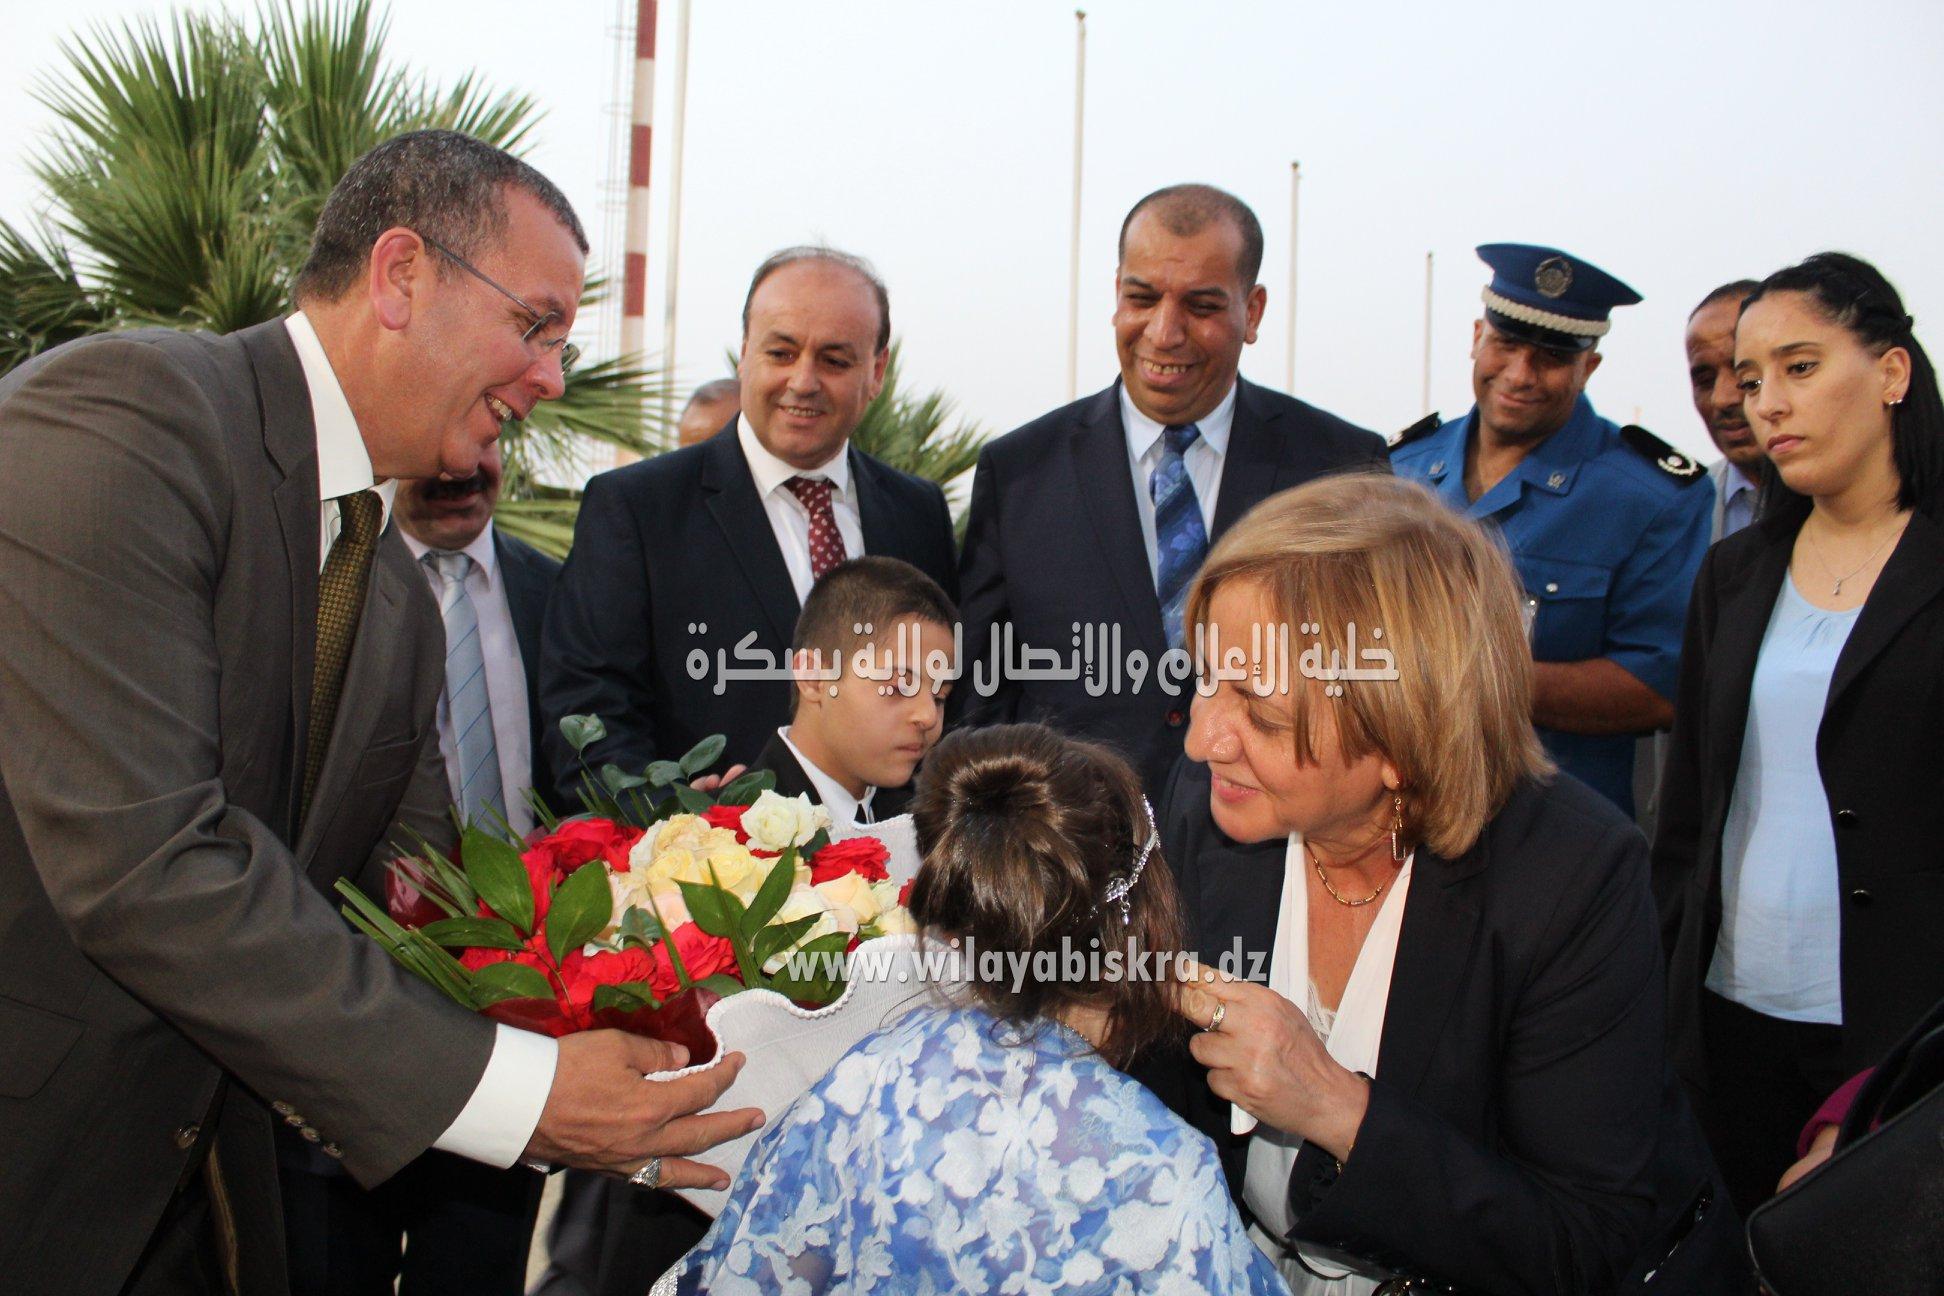 زيارة معالي وزيرة التضامن الوطني والاسرة وقضايا المرأة